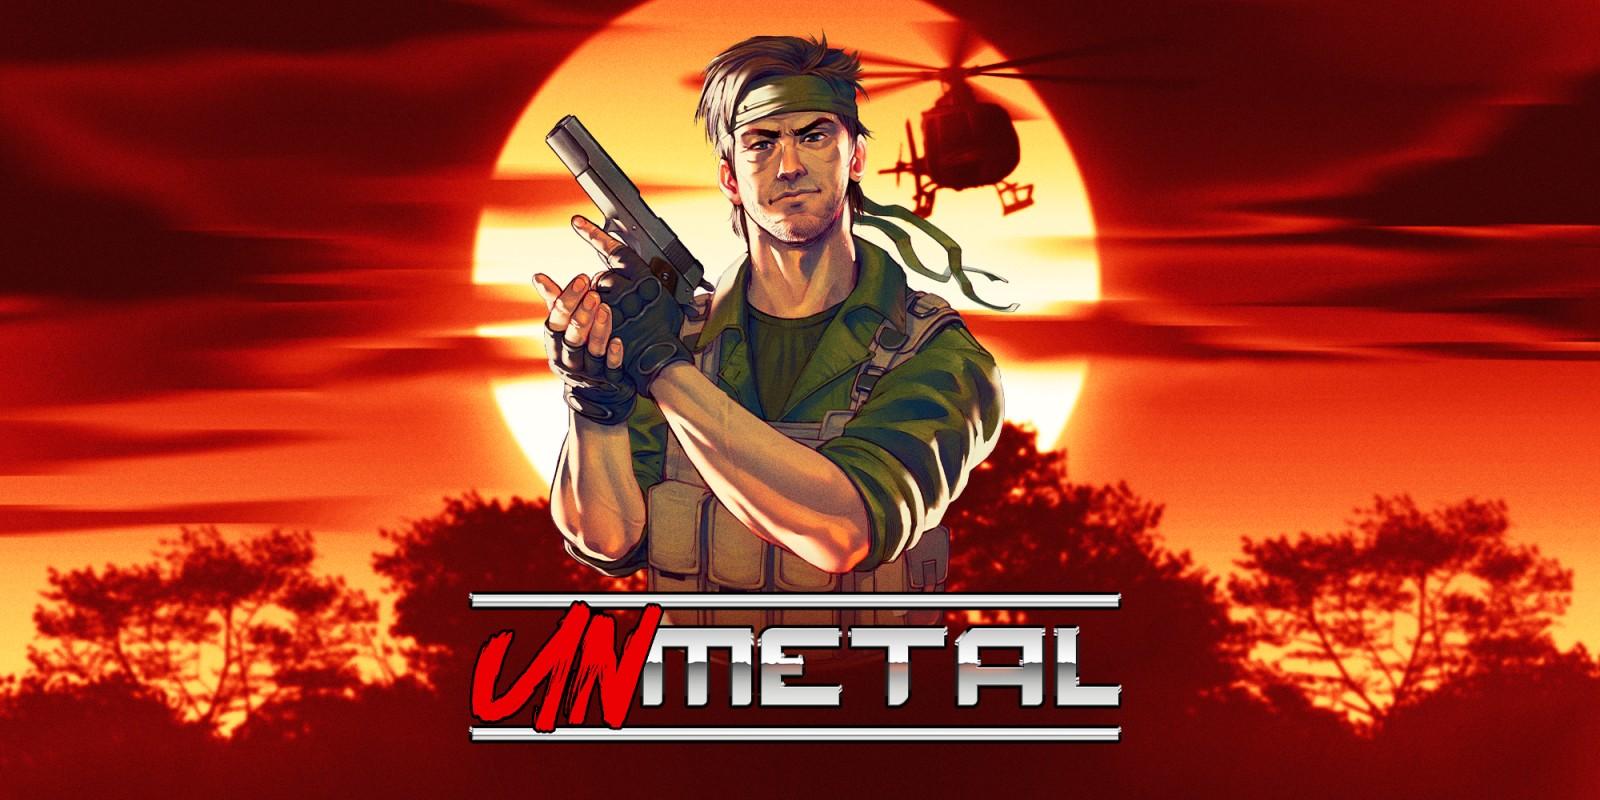 UnMetal, una parodia de Metal Gear con mucha personalidad, ya disponible